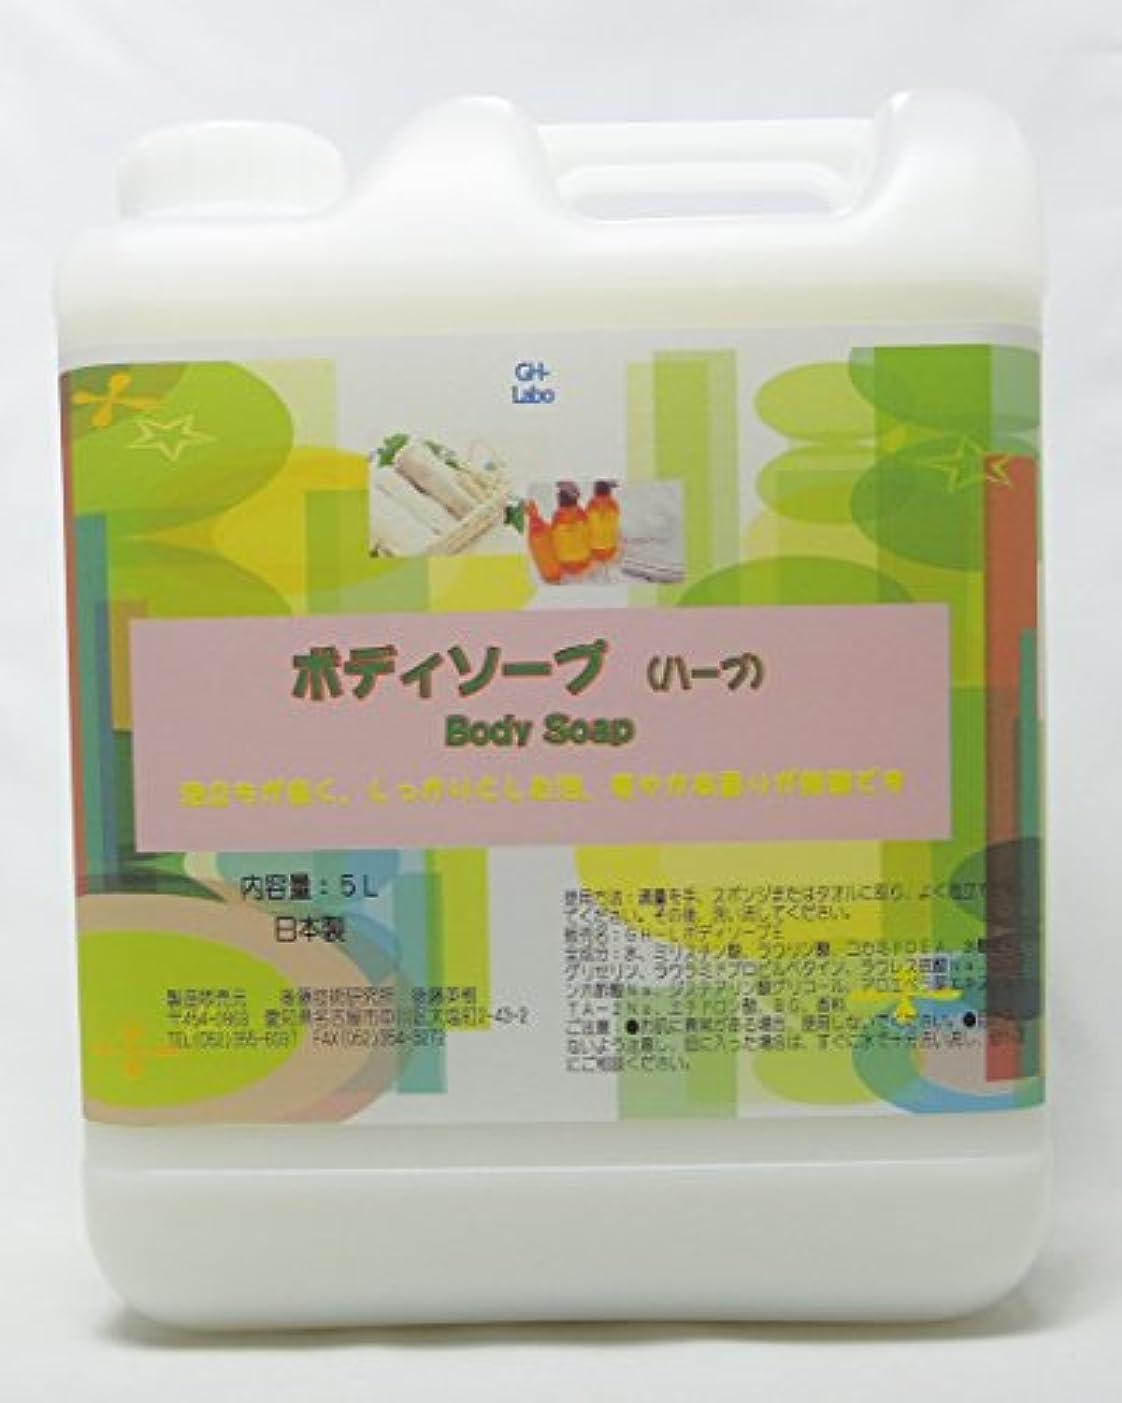 仲間、同僚白鳥仲間、同僚GH-Labo 業務用ボディソープ ハーブ(セージ)の香り 5L